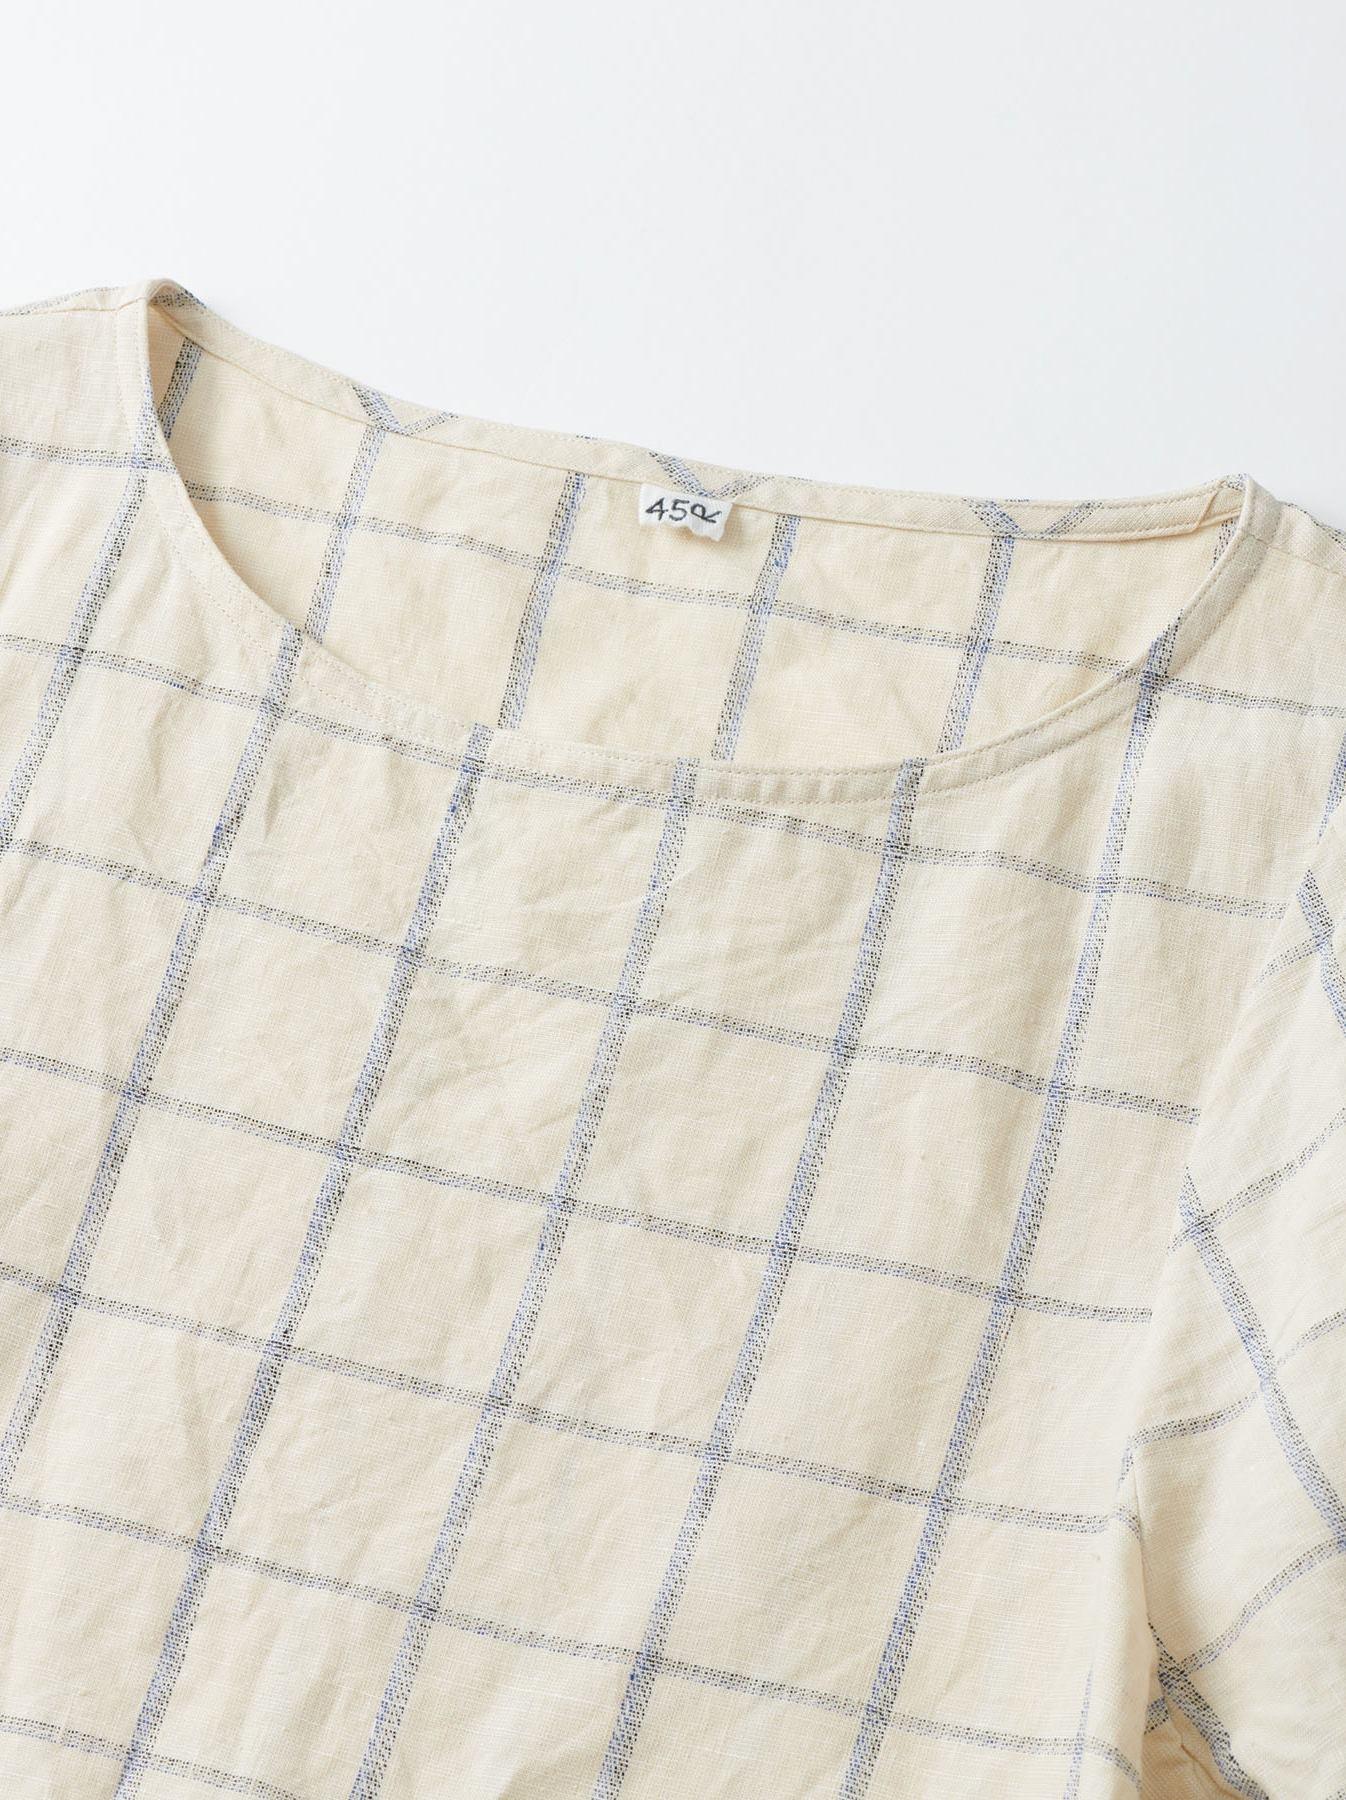 WH Linen 4545 Check Blouse-7